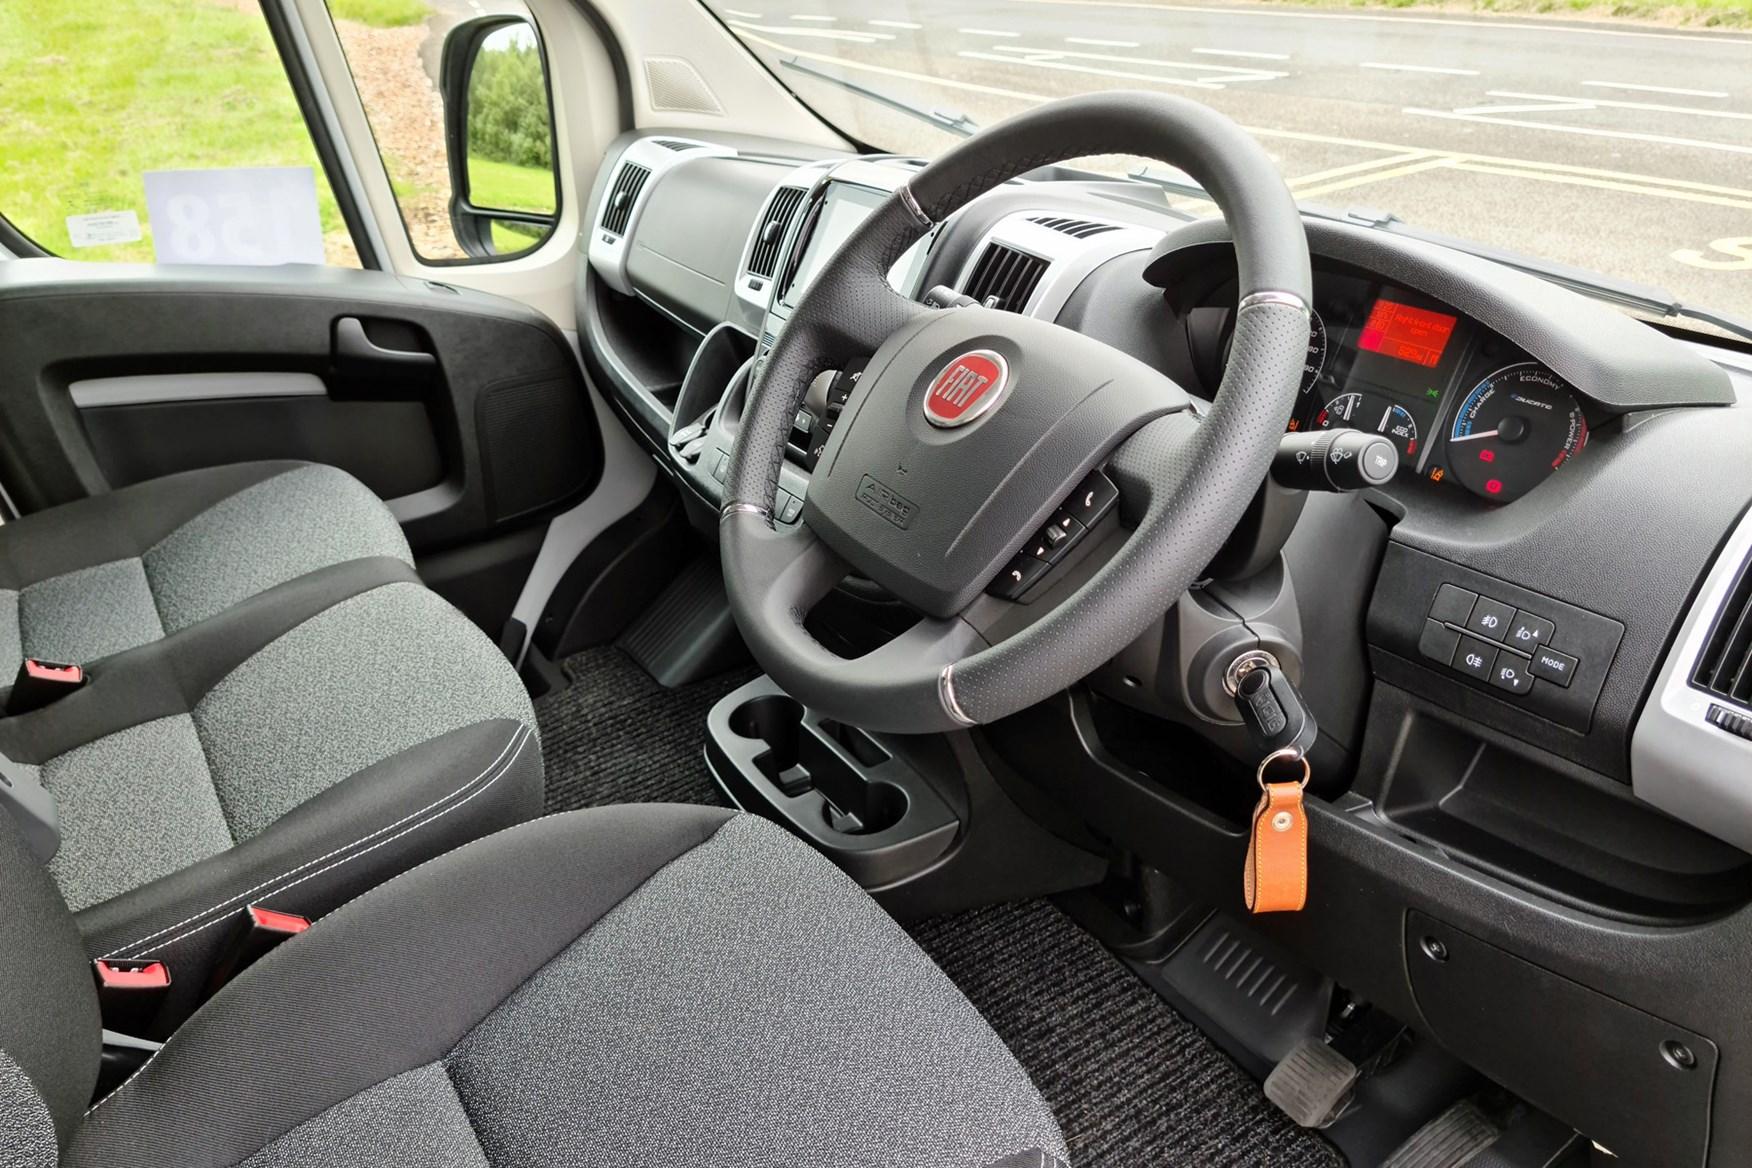 Fiat E-Ducato review - cab interior, dashboard, steering wheel